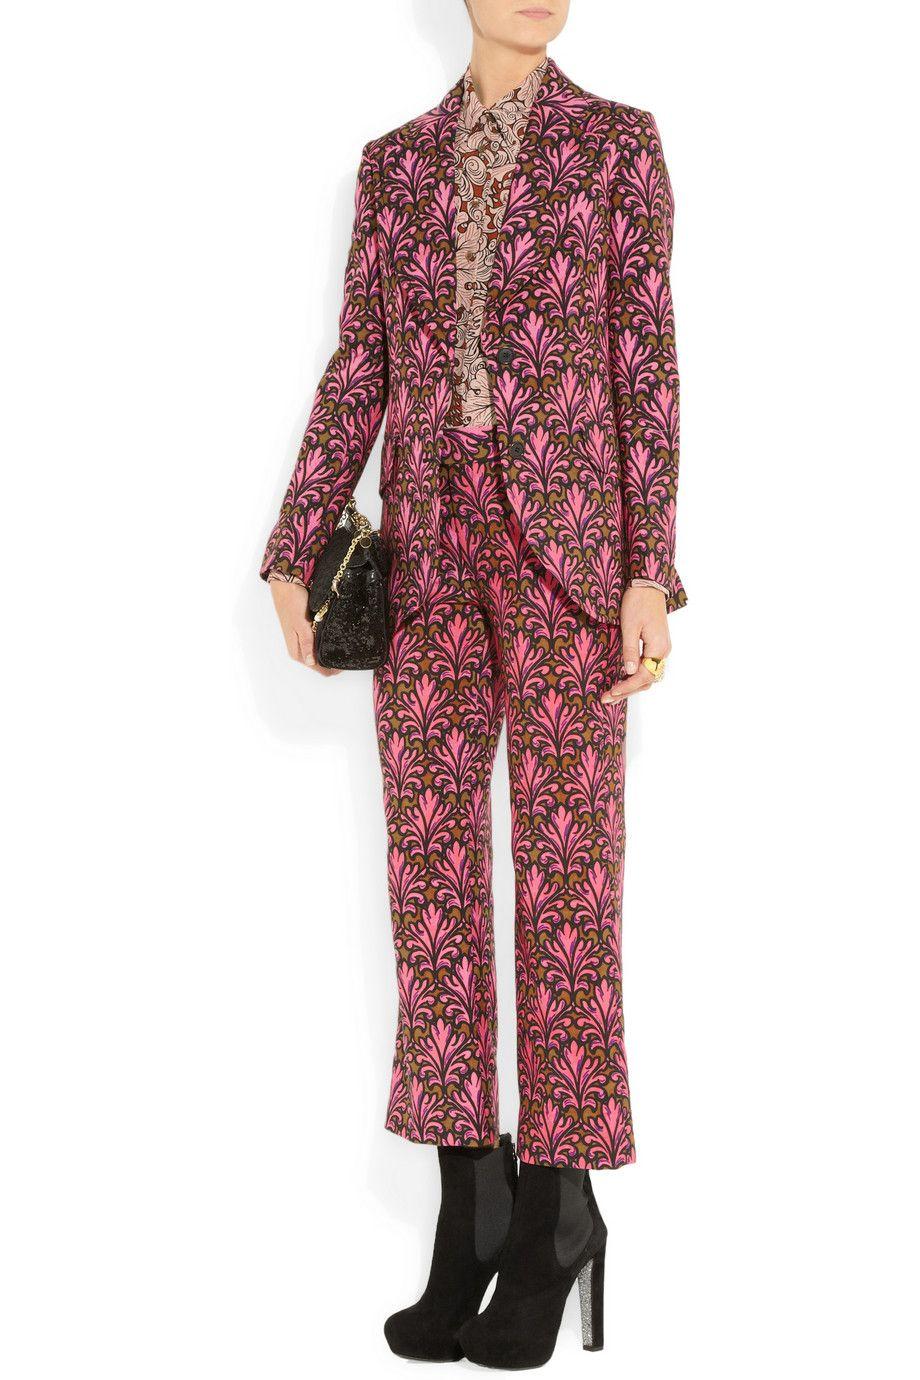 Miu Miu jacket, pants, top, and boots.  Dolce & Gabbana bag.